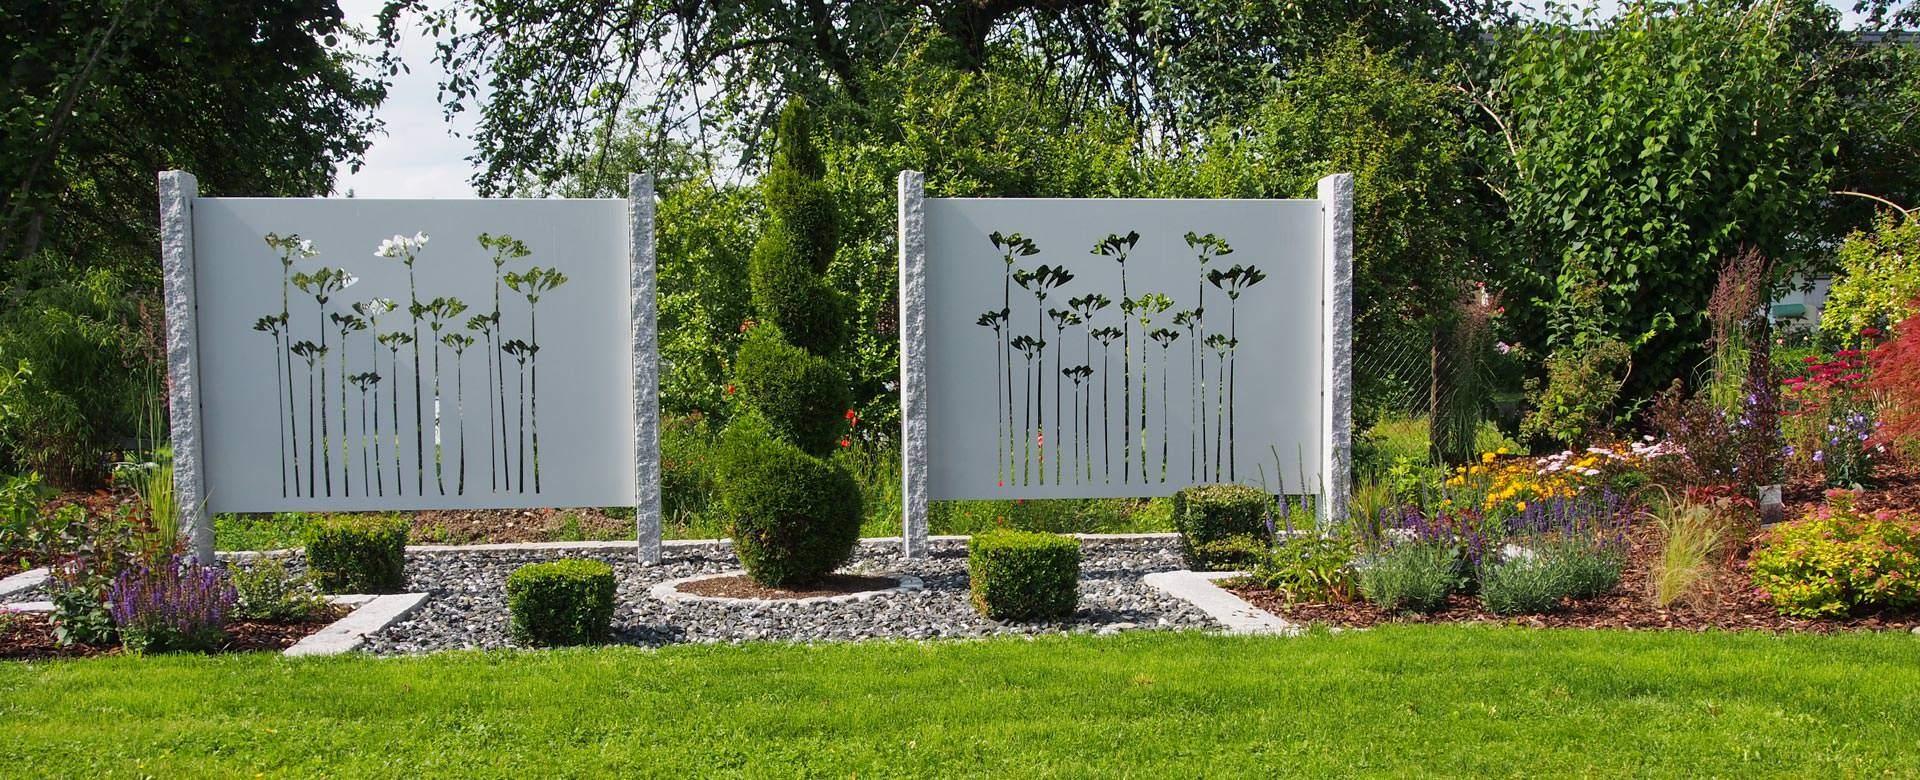 Garten Sichtschutz Elegant Sichtschutz Aus Metall Ganz Individuell Tiko Metalldesign